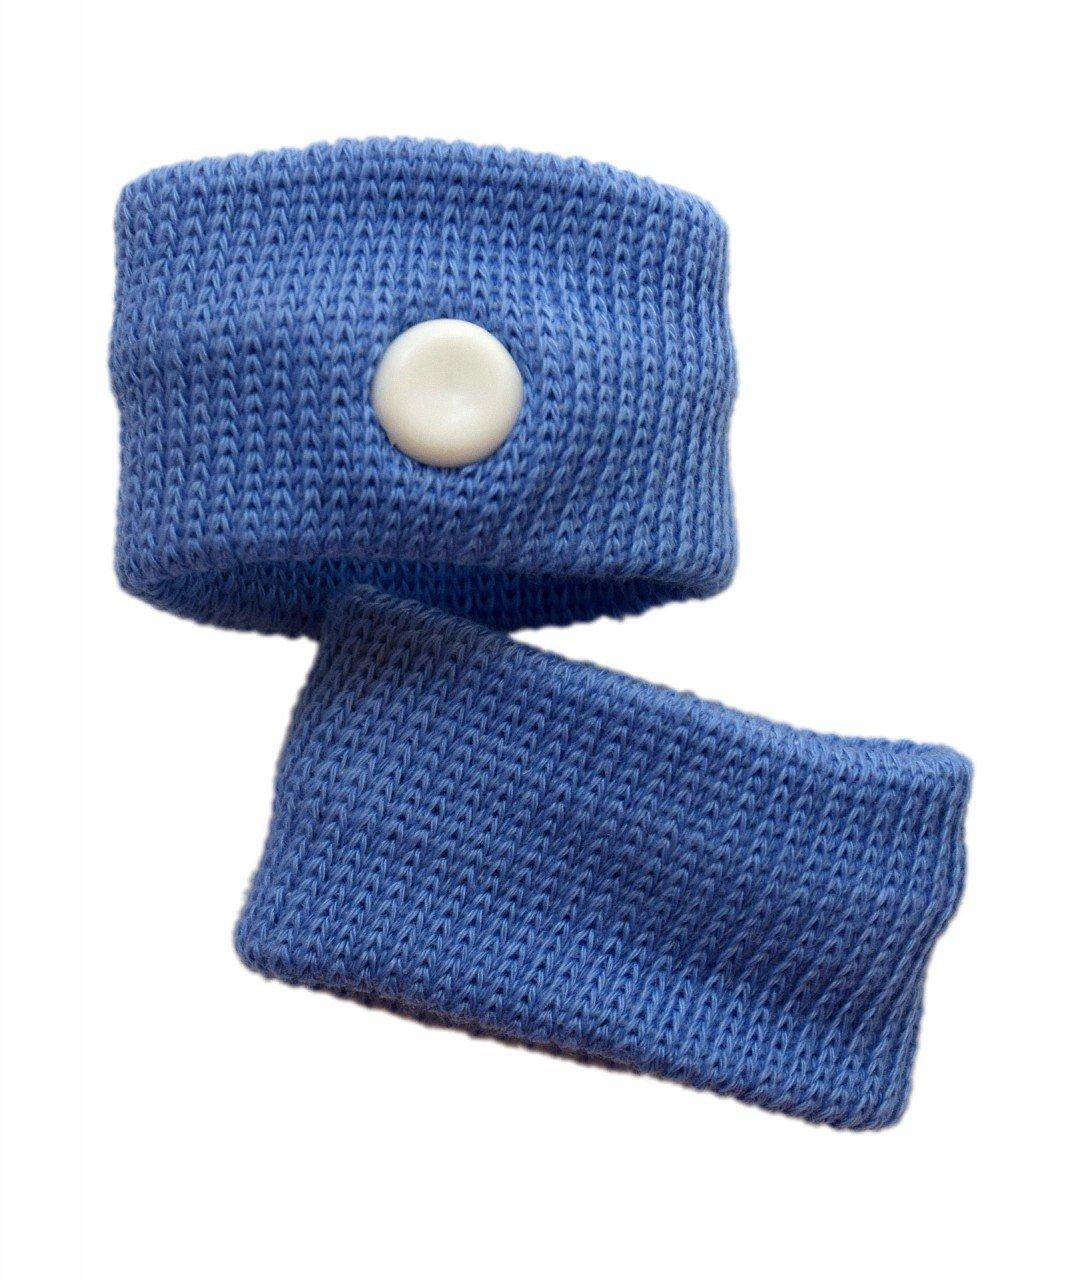 Kingken 2Pcs Nützliche wiederverwendbar Anti Übelkeit anti-nausea Armbänder für Reisen (blau)